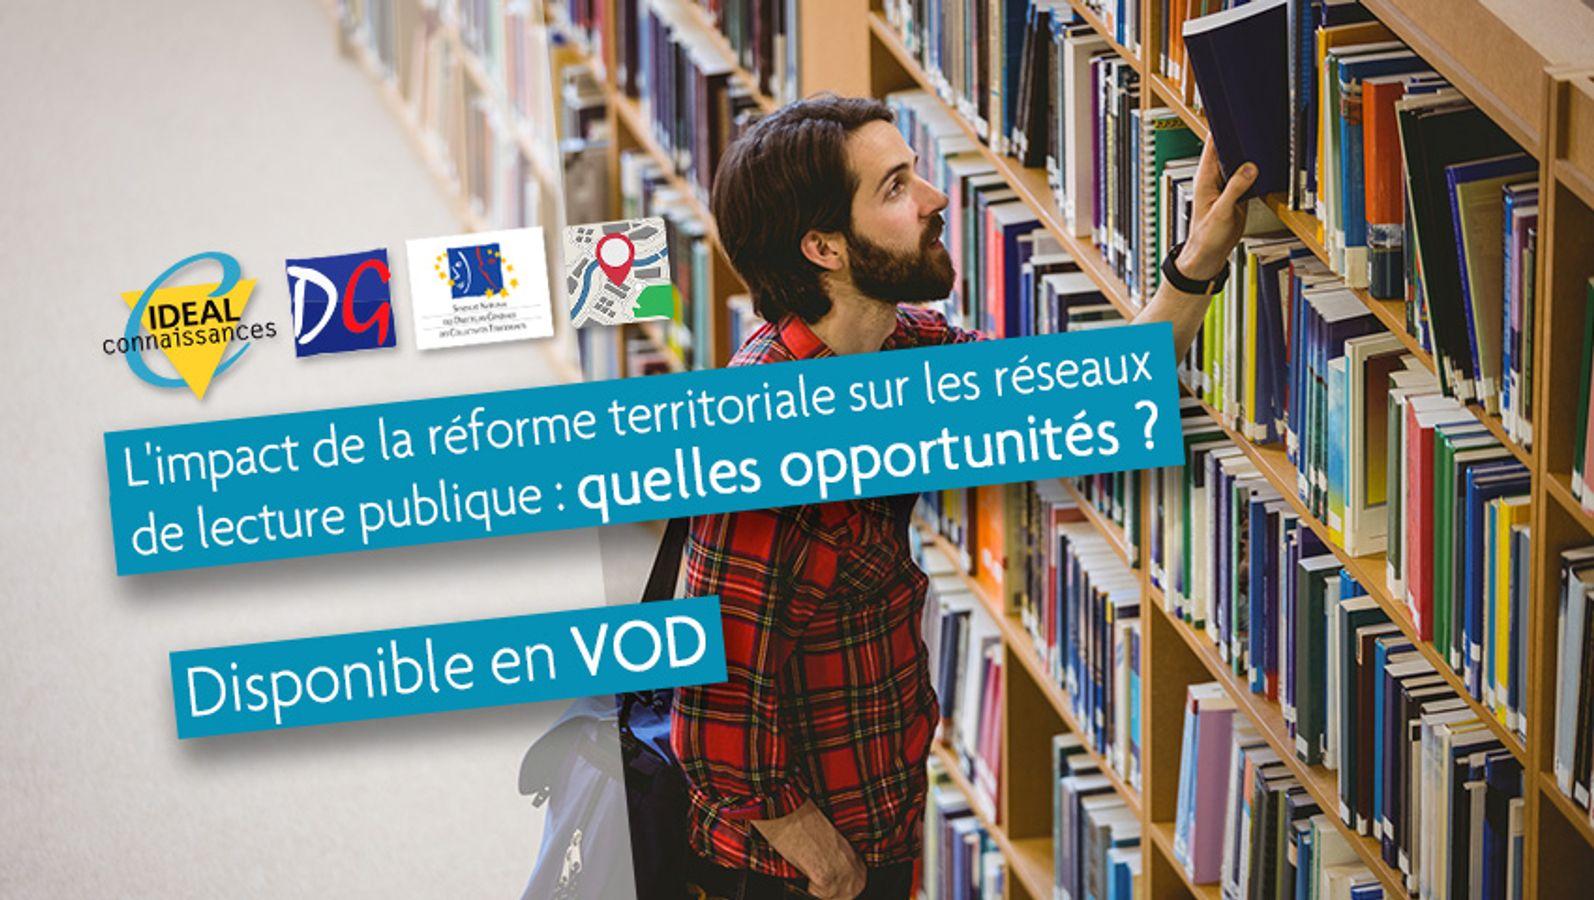 L'impact de la réforme territoriale sur les réseaux de lecture publique : quelles opportunités ?